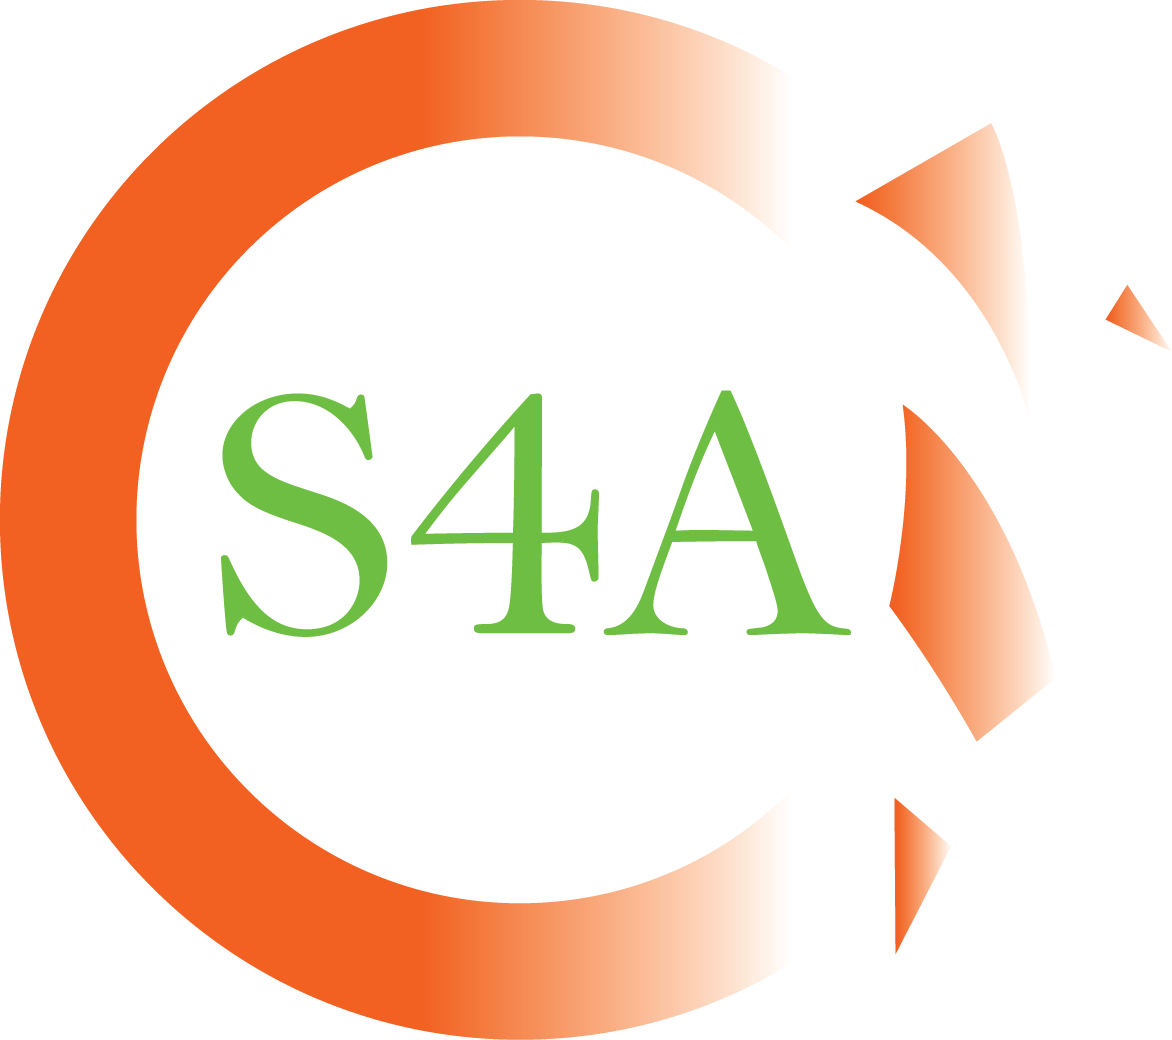 S4A DA Charter